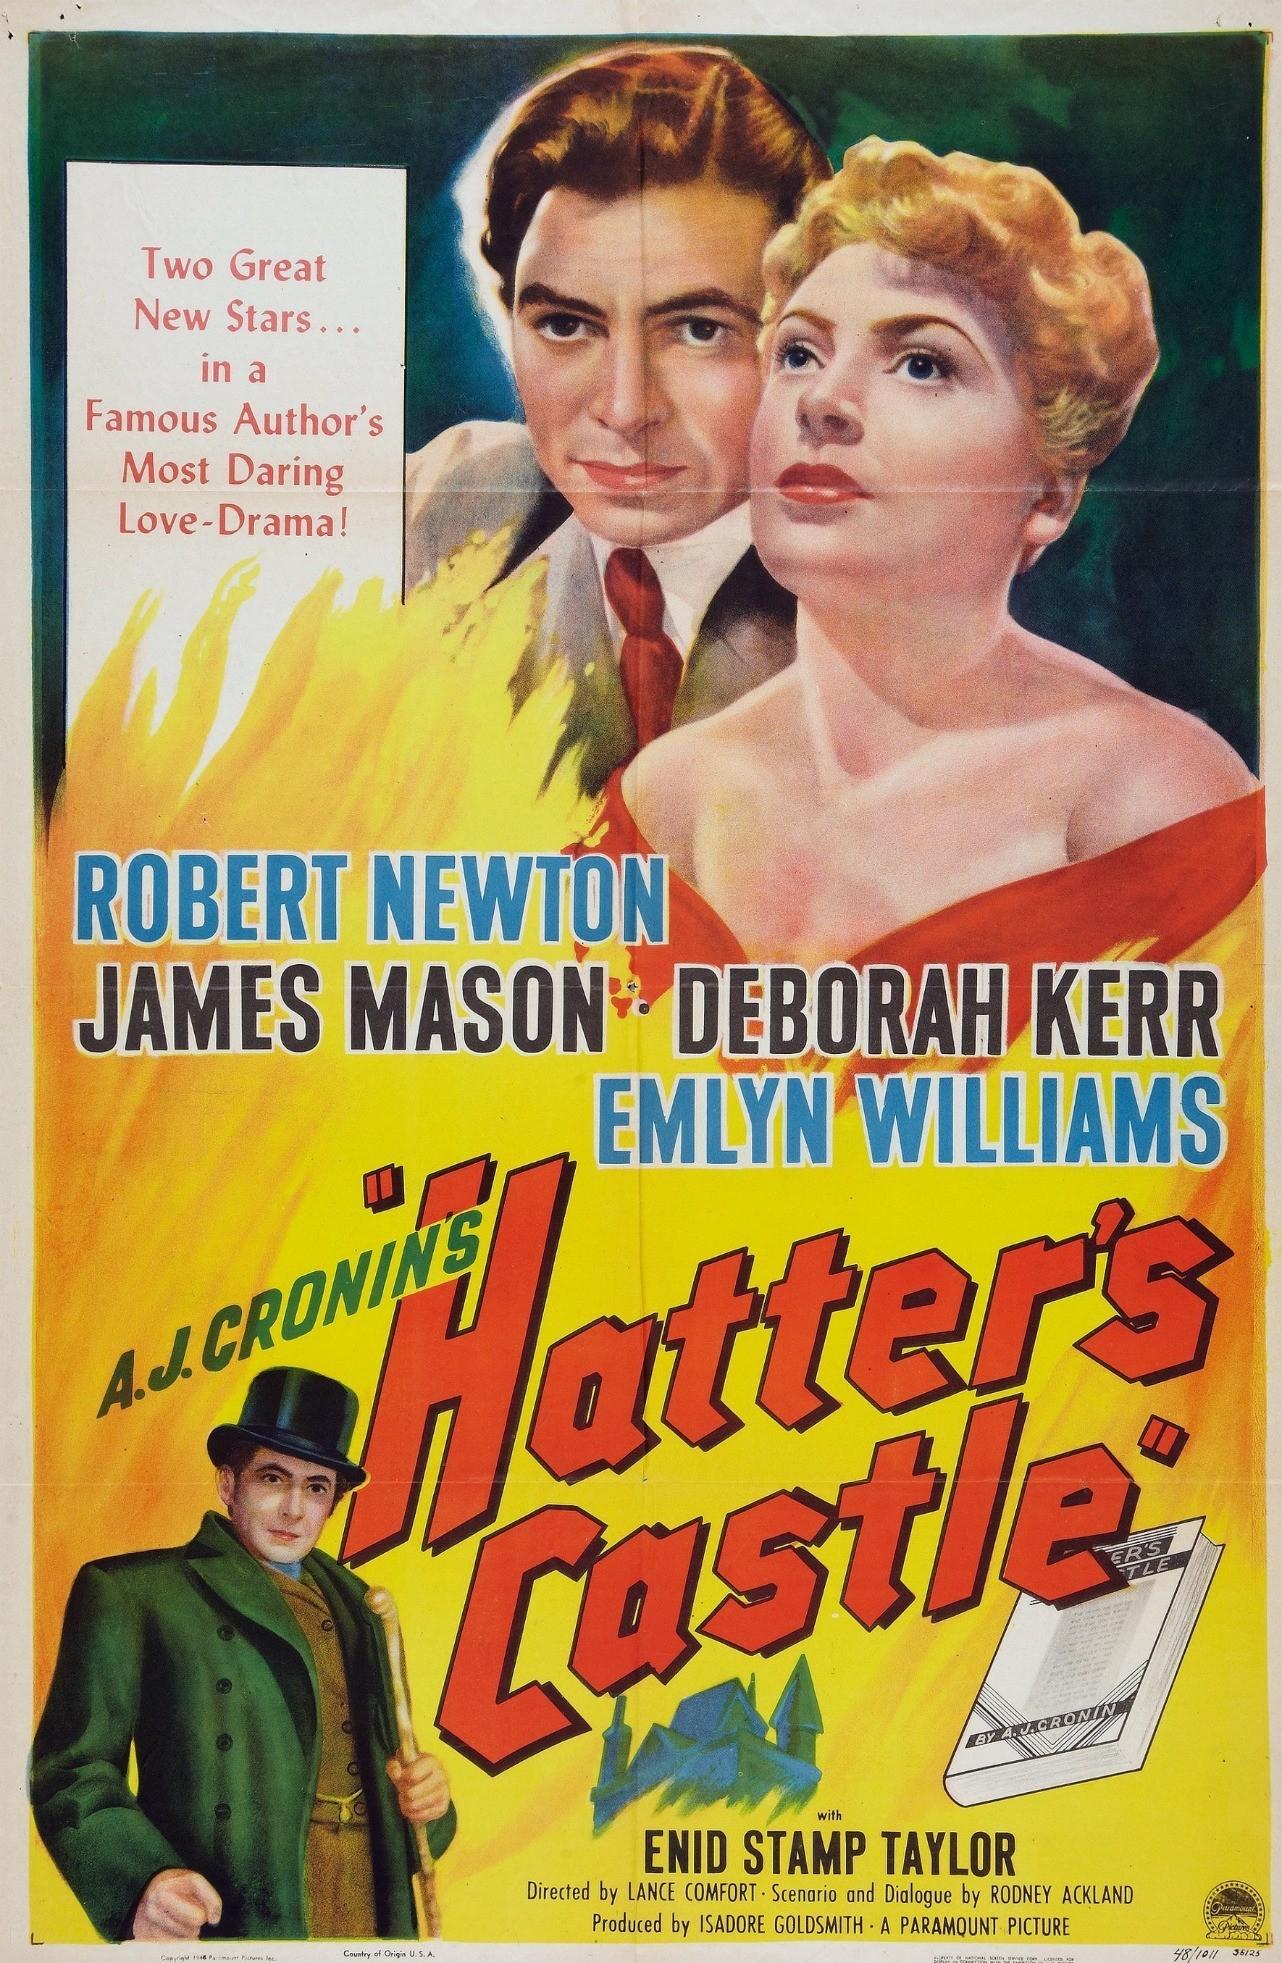 Hatter's Castle (A.J. Cronin's Hatter's Castle)